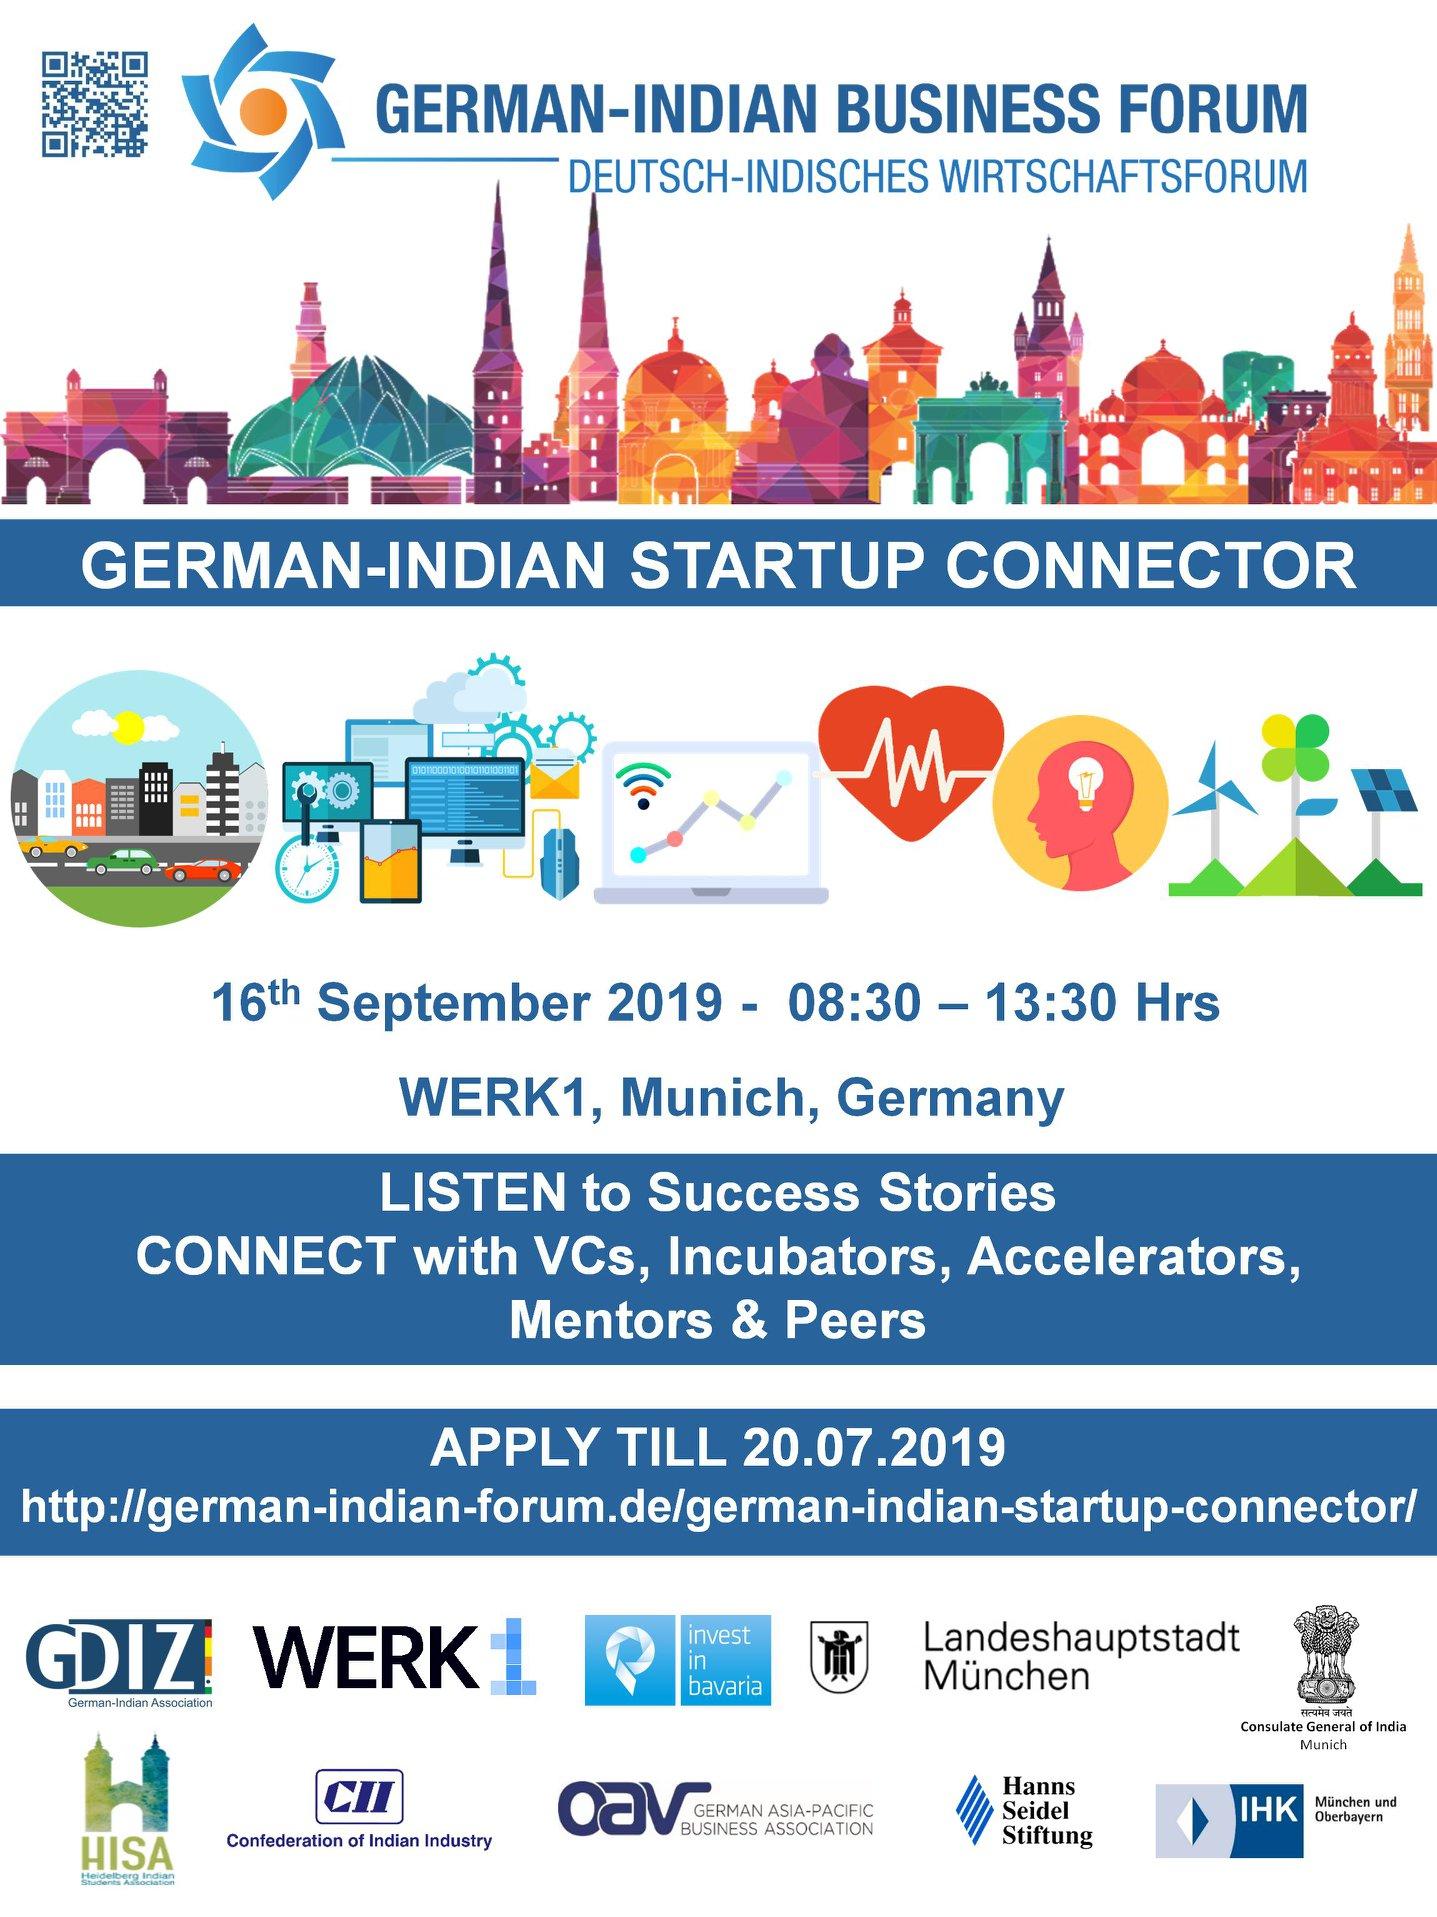 German - Indian Startup Connector 2019 Atelierstraße Munich - Search